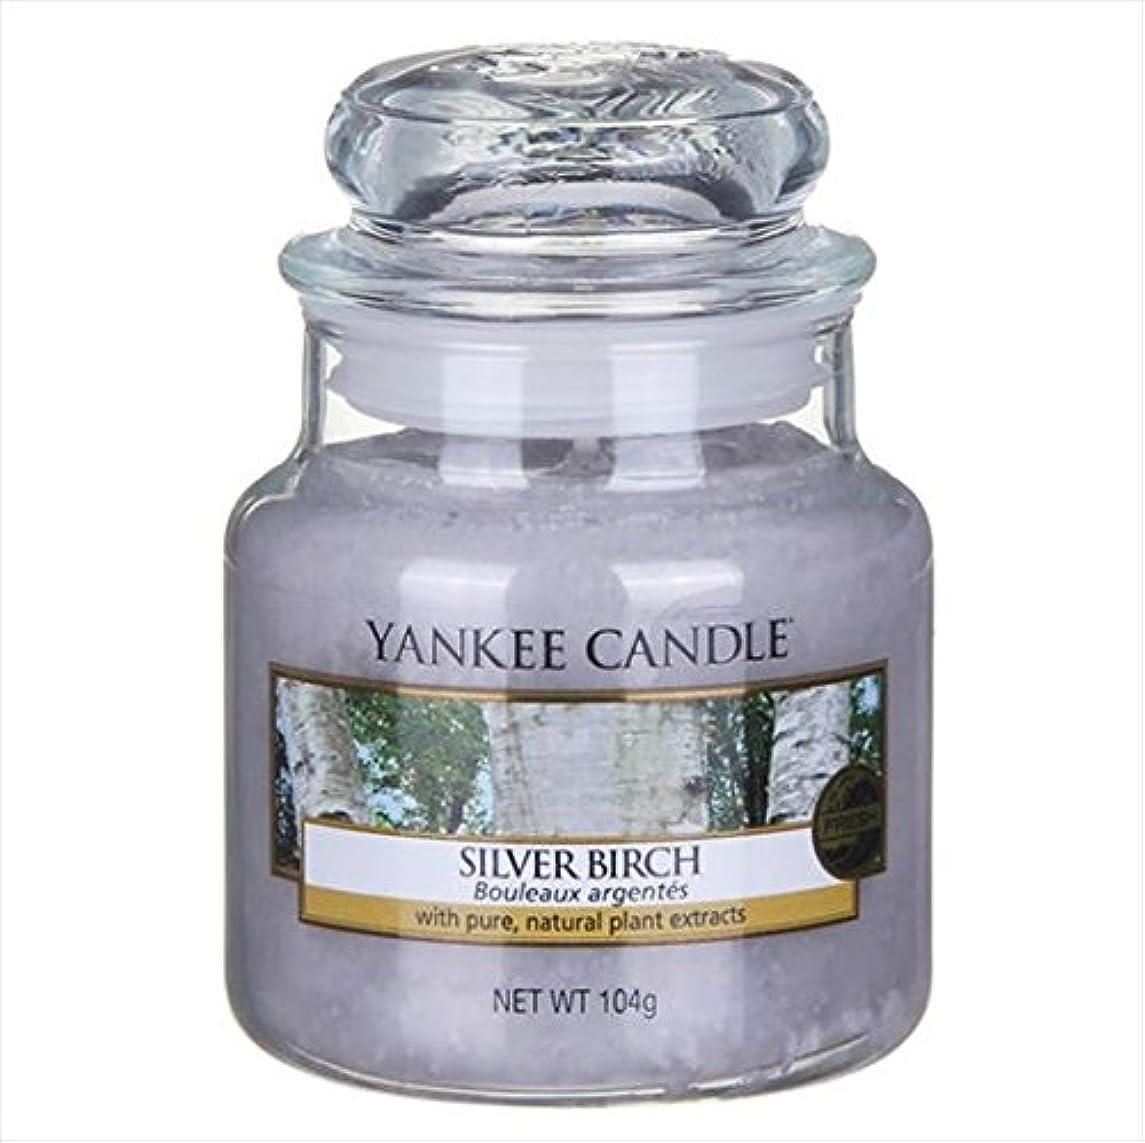 シーケンスもう一度口ひげヤンキーキャンドル(YANKEE CANDLE) YANKEE CANDLEジャーS 「 シルバーバーチ 」